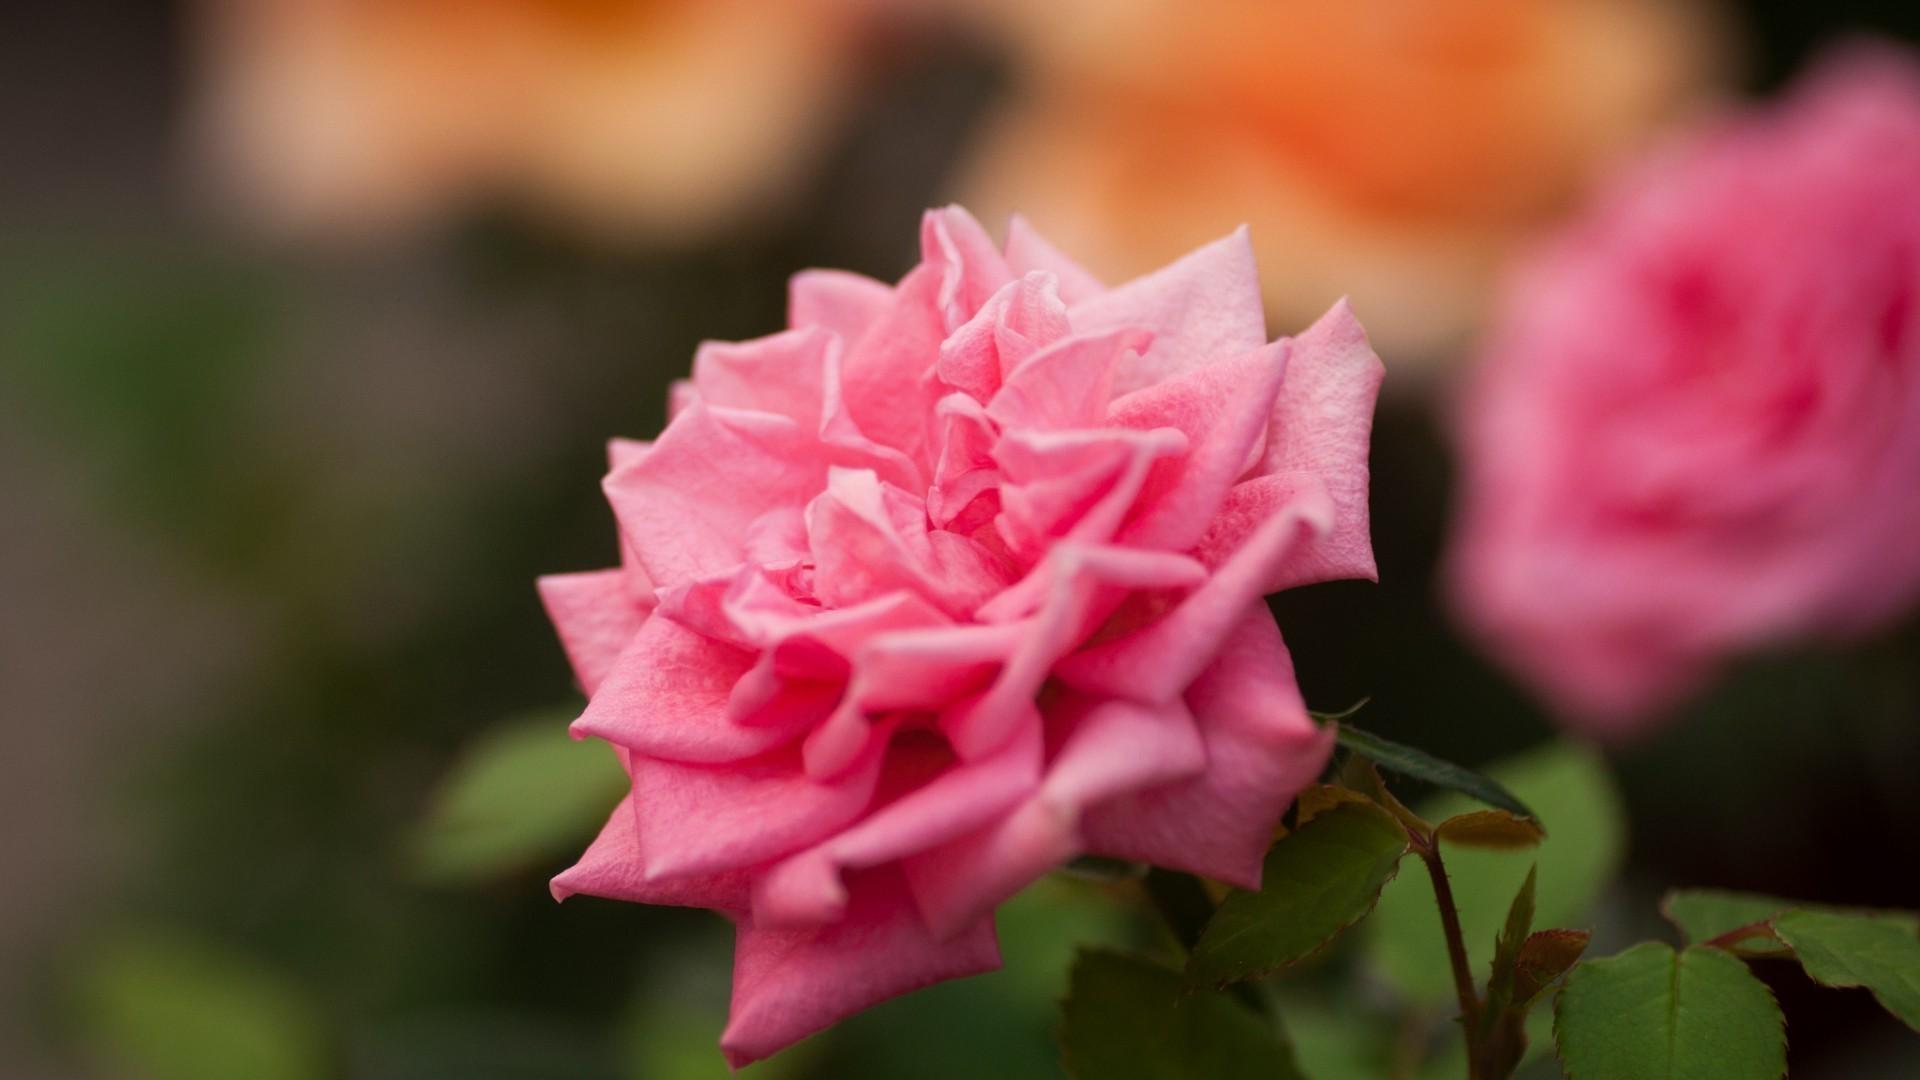 Rose Pink Roses Flowers Nature Wallpaper Jpg 223 Kb - Pink Rose Flower , HD Wallpaper & Backgrounds